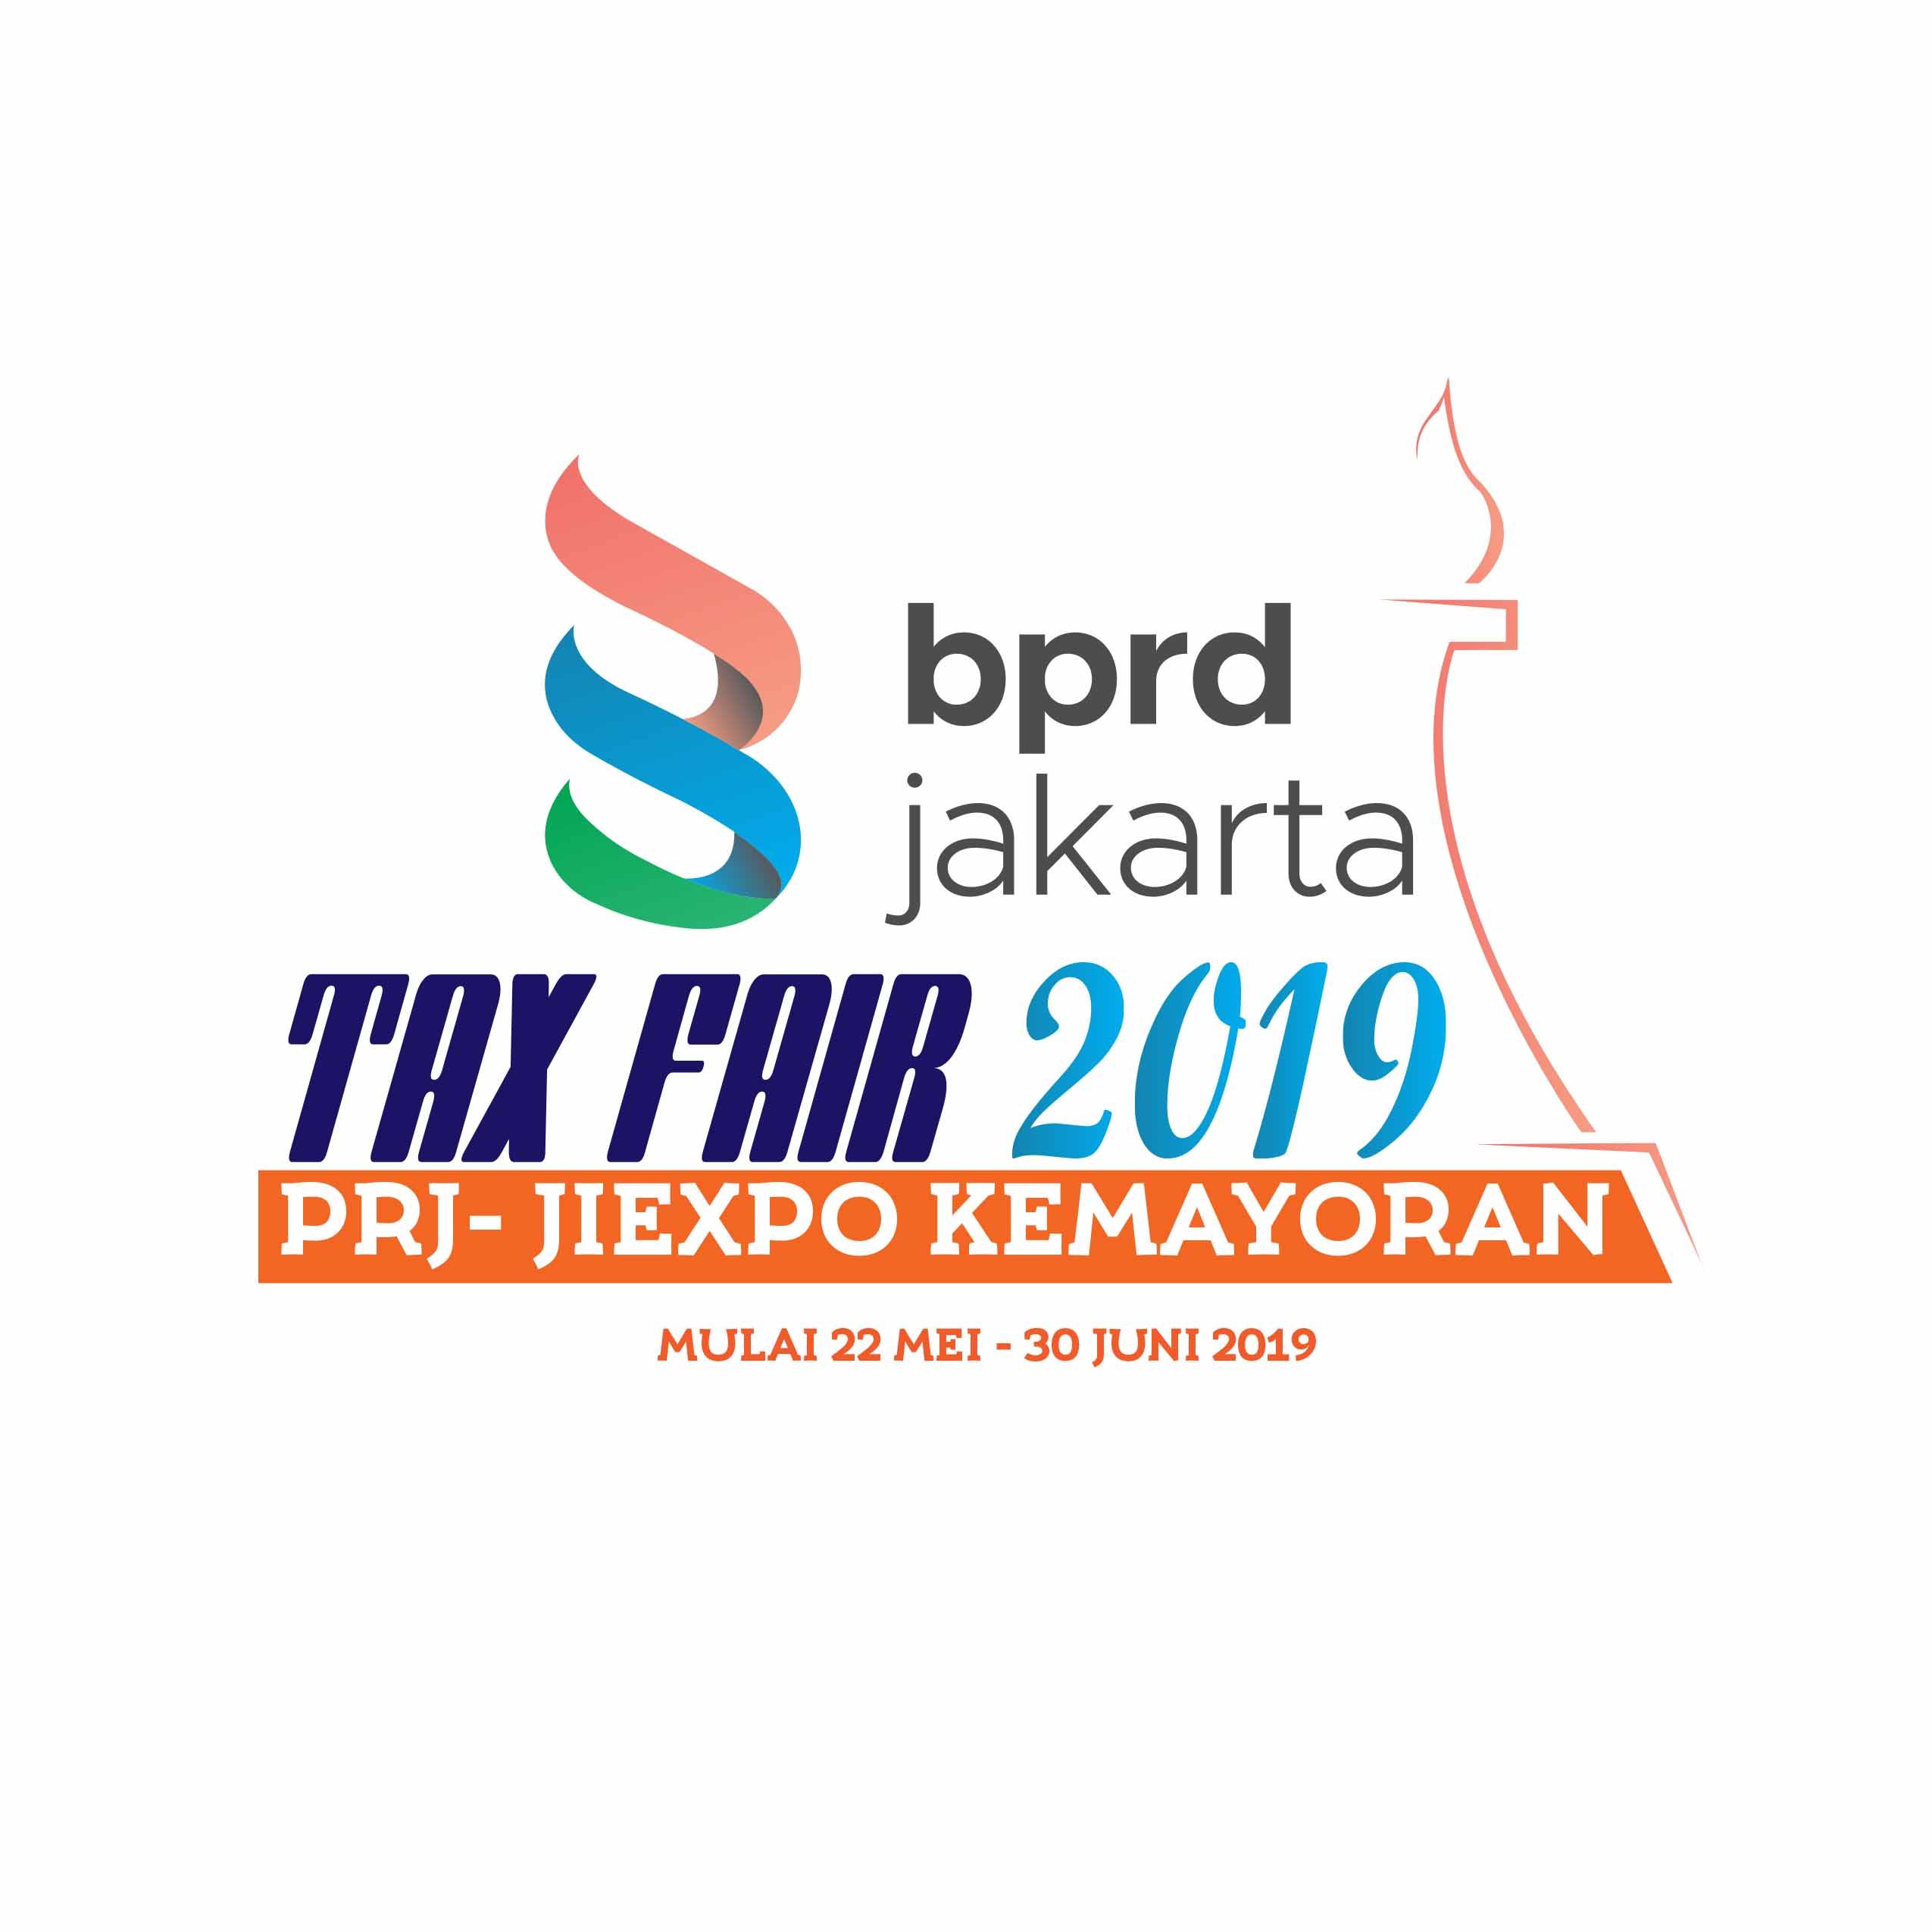 BPRD Jakarta Buka Pelayanan Pajak PKB, PBB dan Konsultasi Pajak di PRJ 2019